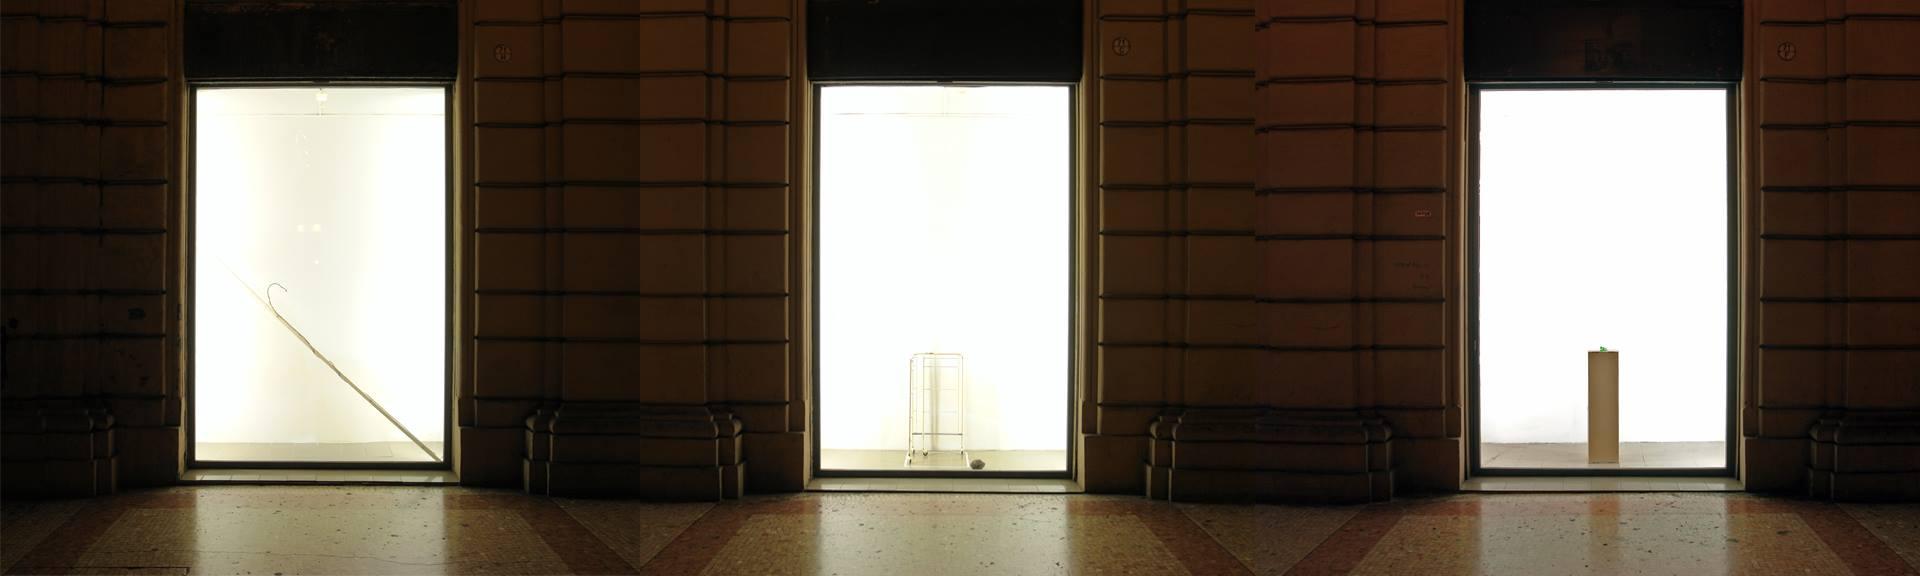 TRIPLA: vetrine sull'Arte contemporanea